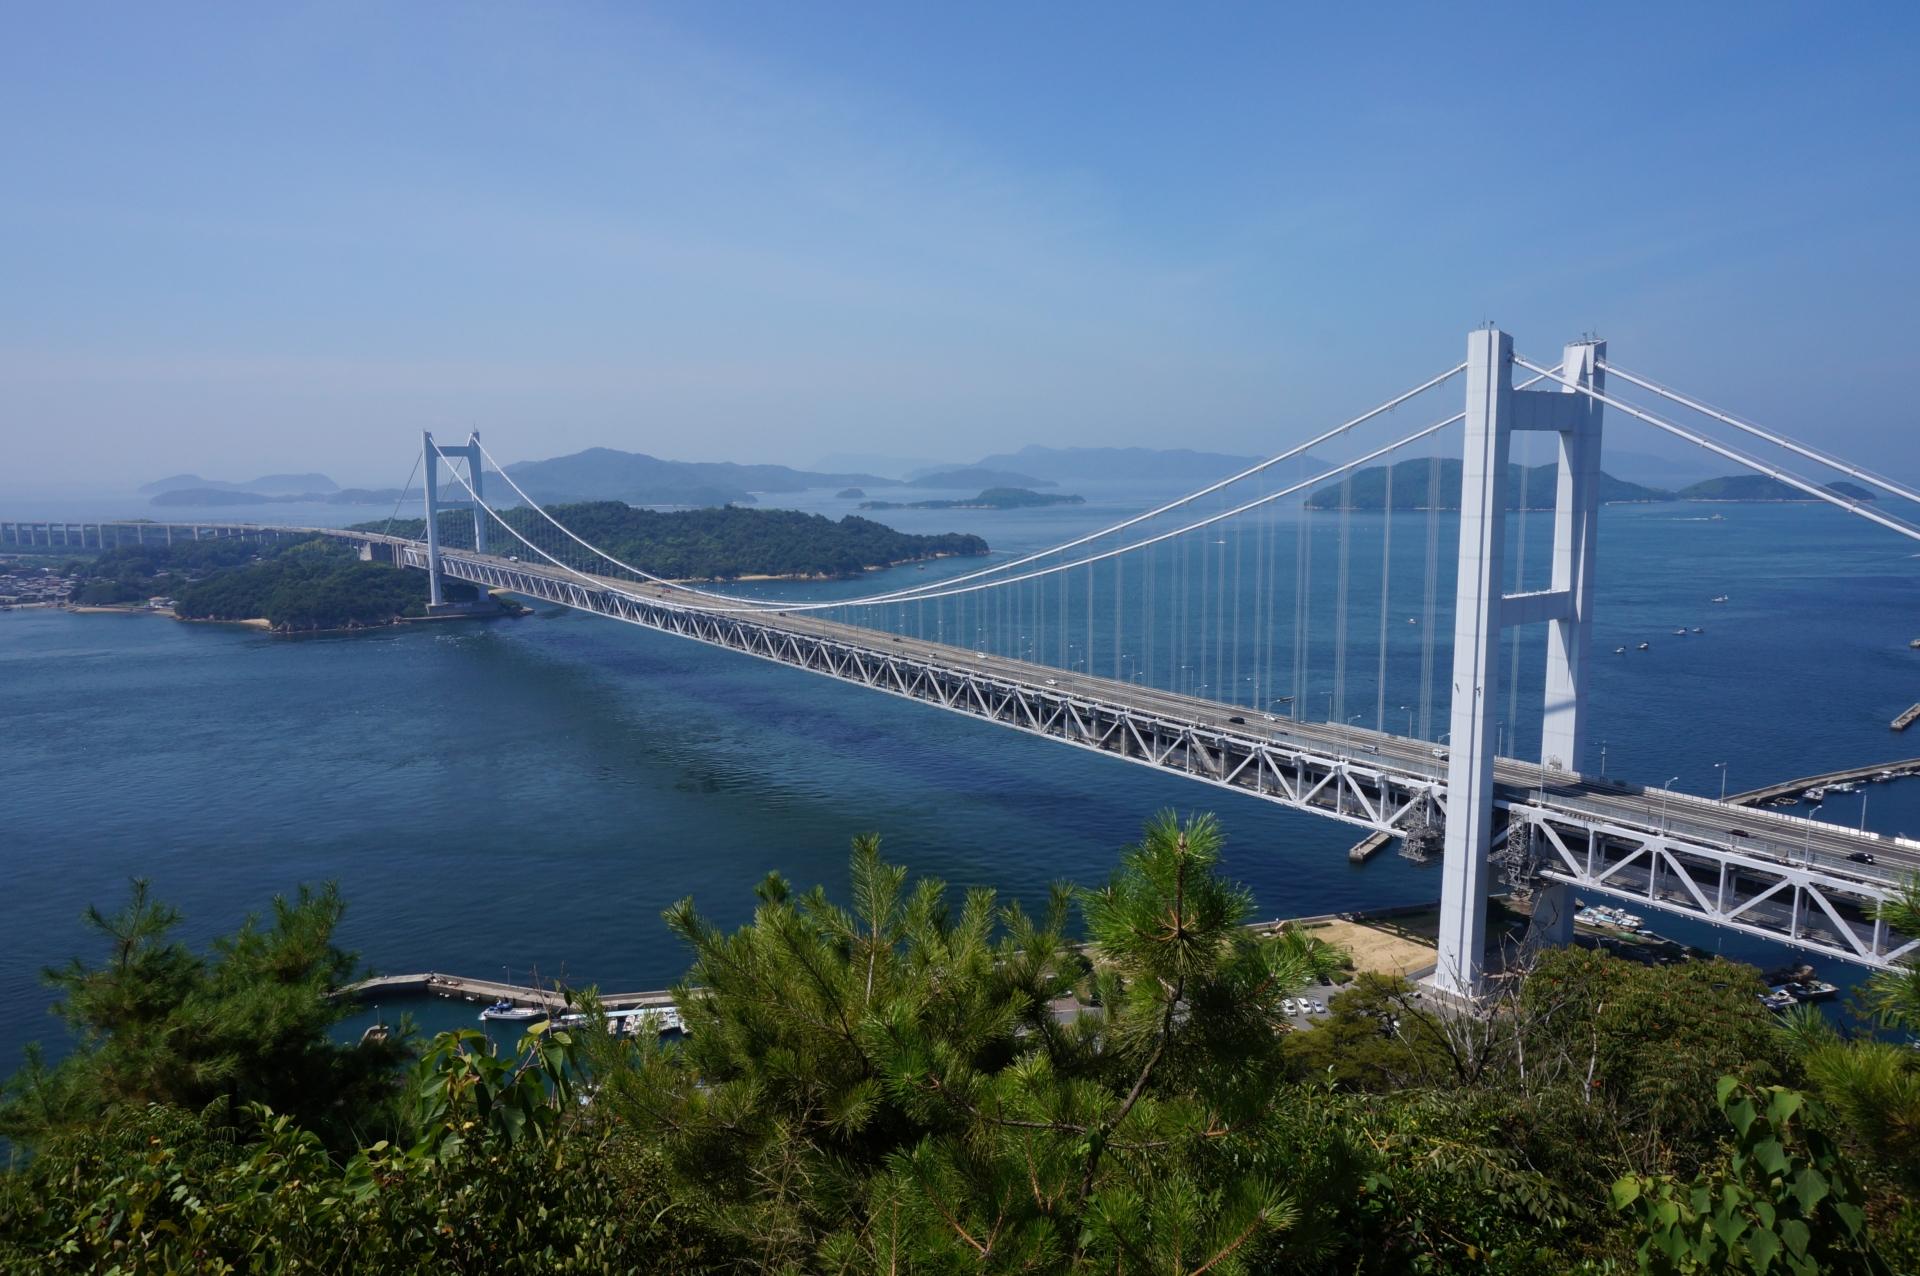 四国観光のおすすめ名所やモデルコースとランキング